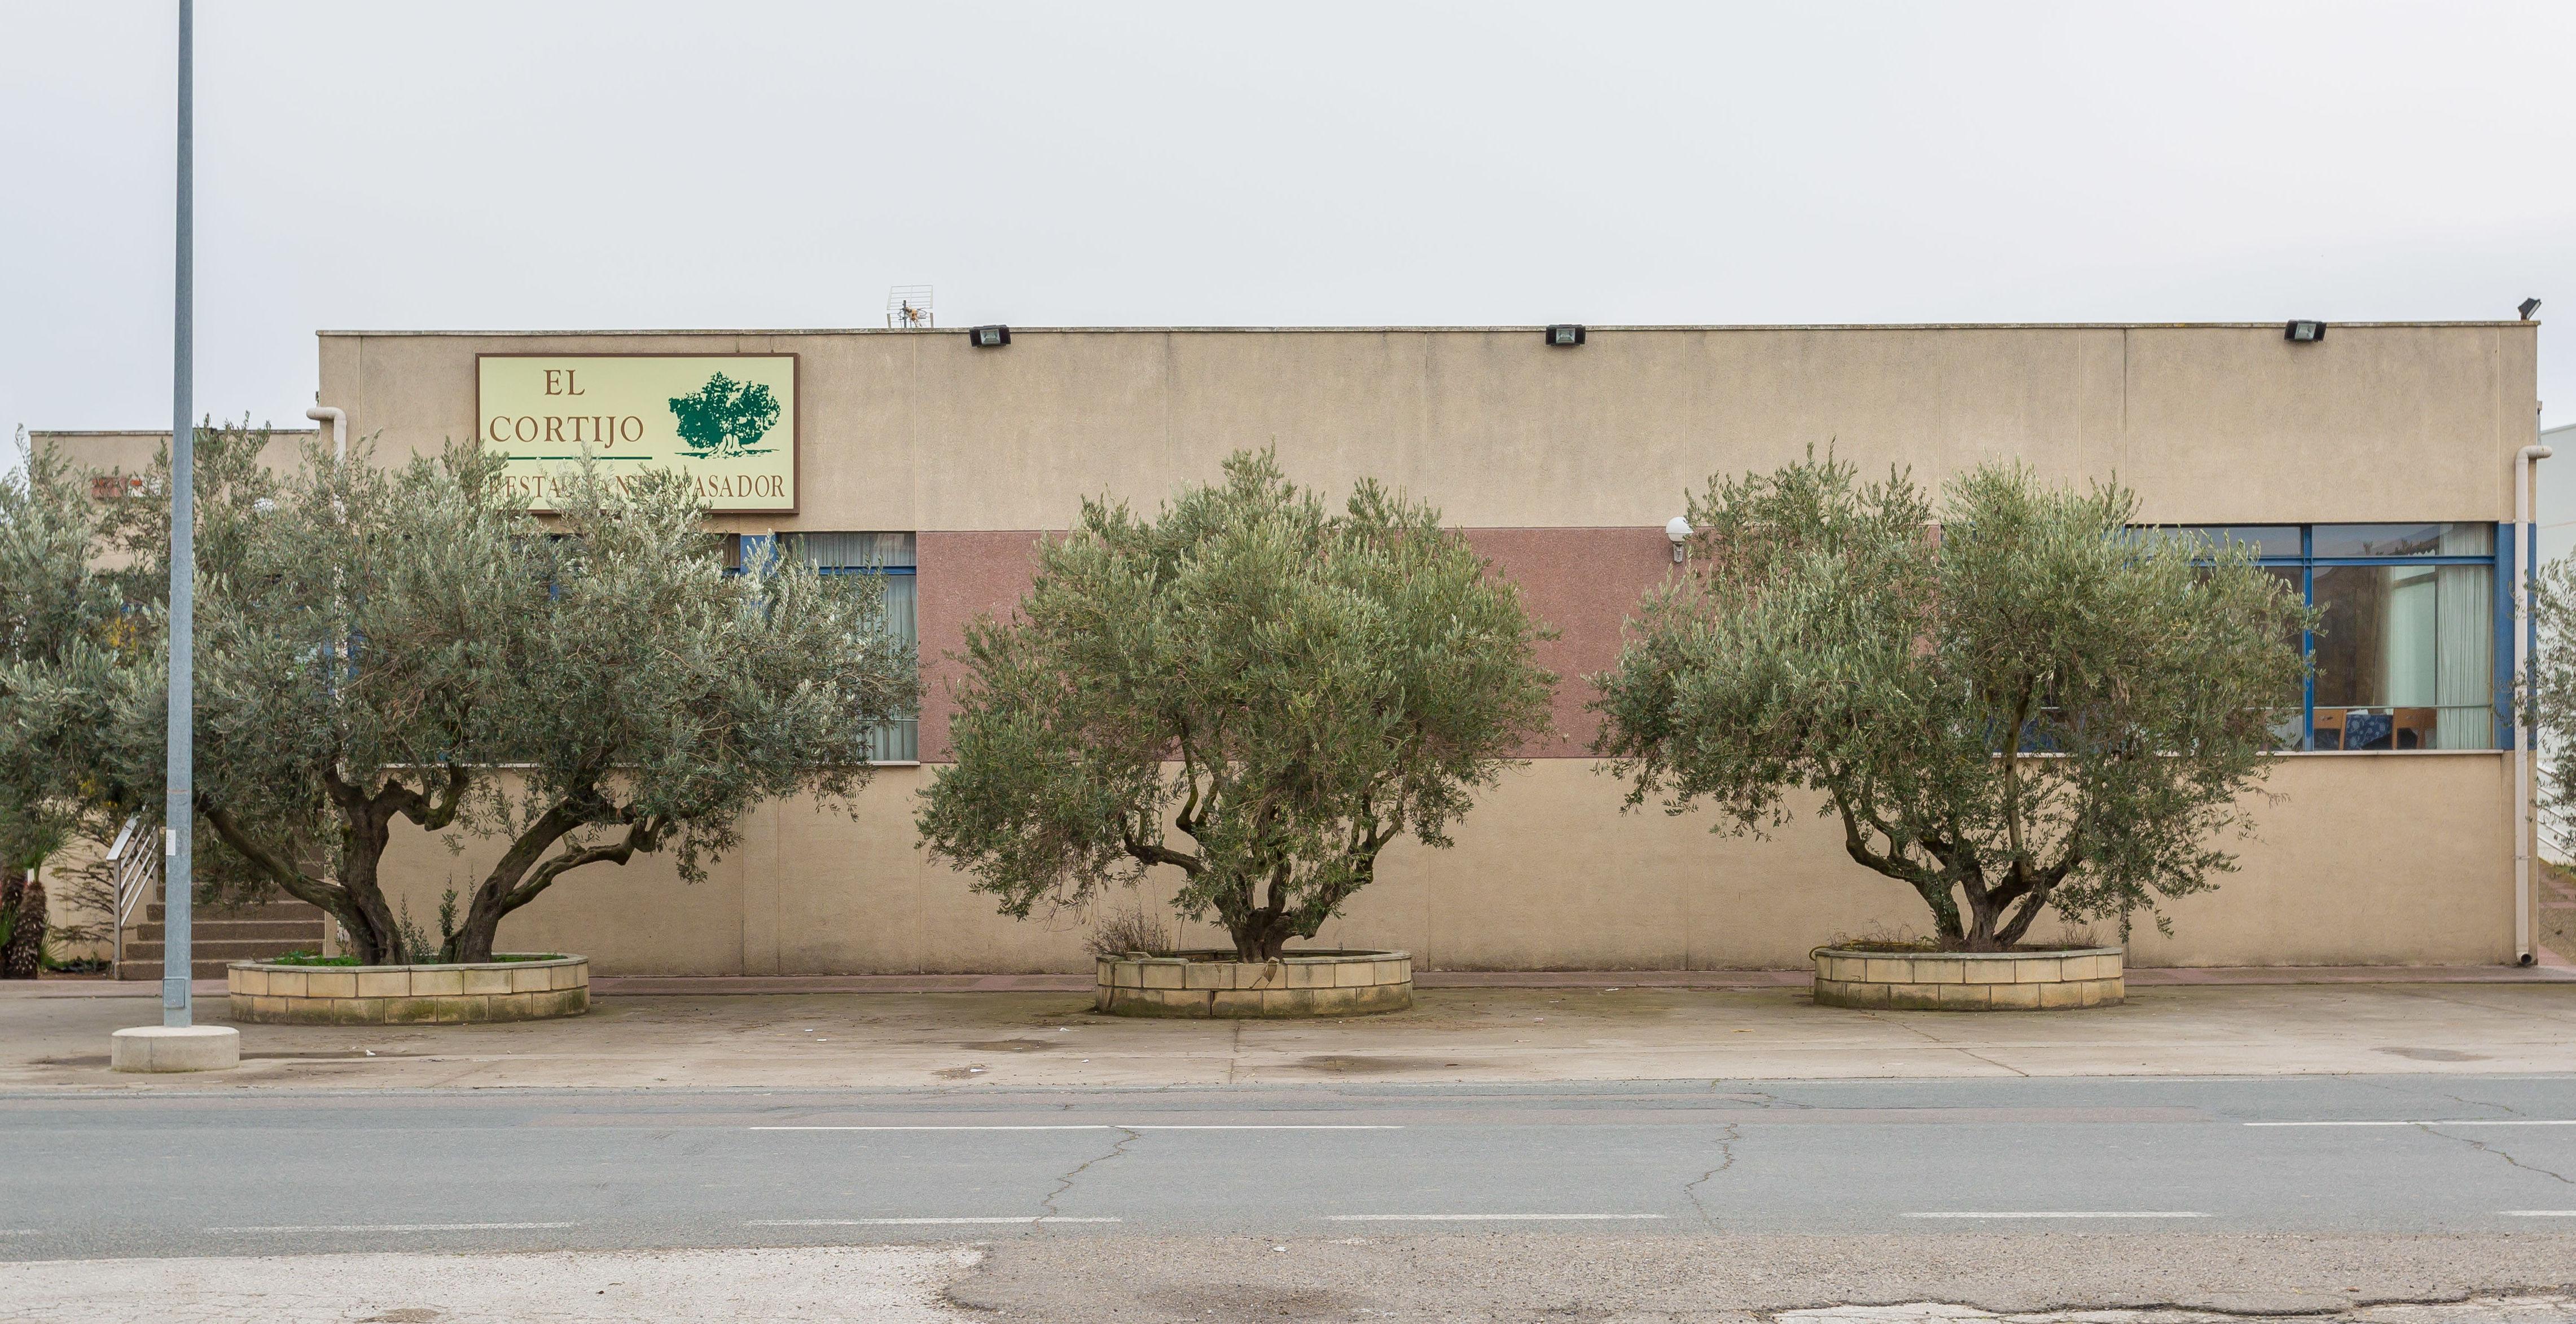 El Cortijo, restaurante asador en Peralta, Navarra